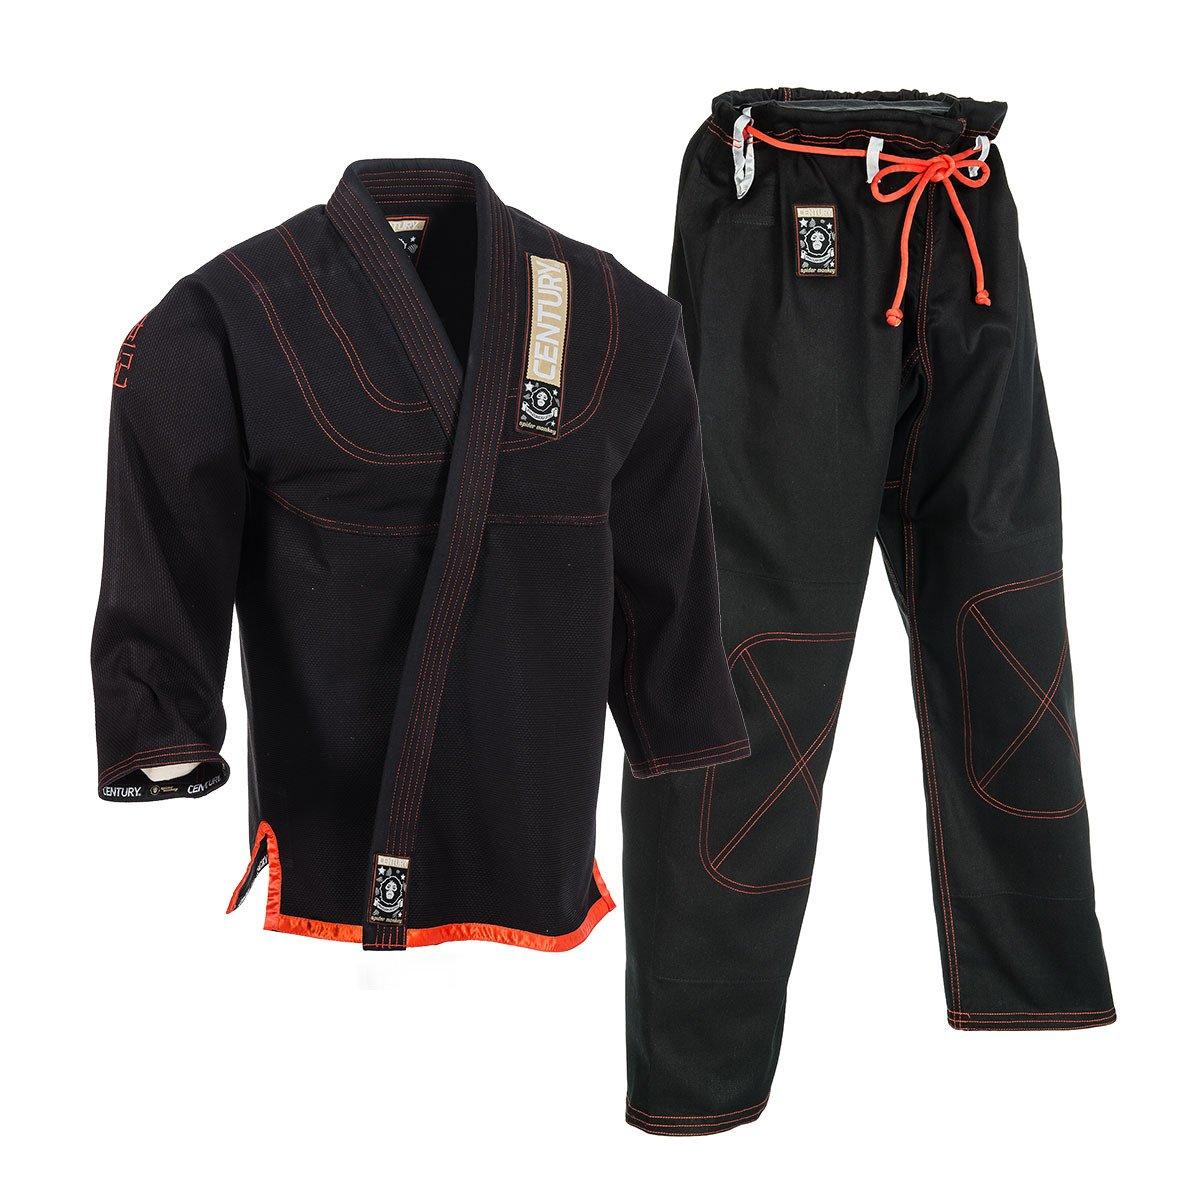 Century® Spider Monkey Brazilian Jiu-Jitsu Gi Uniform